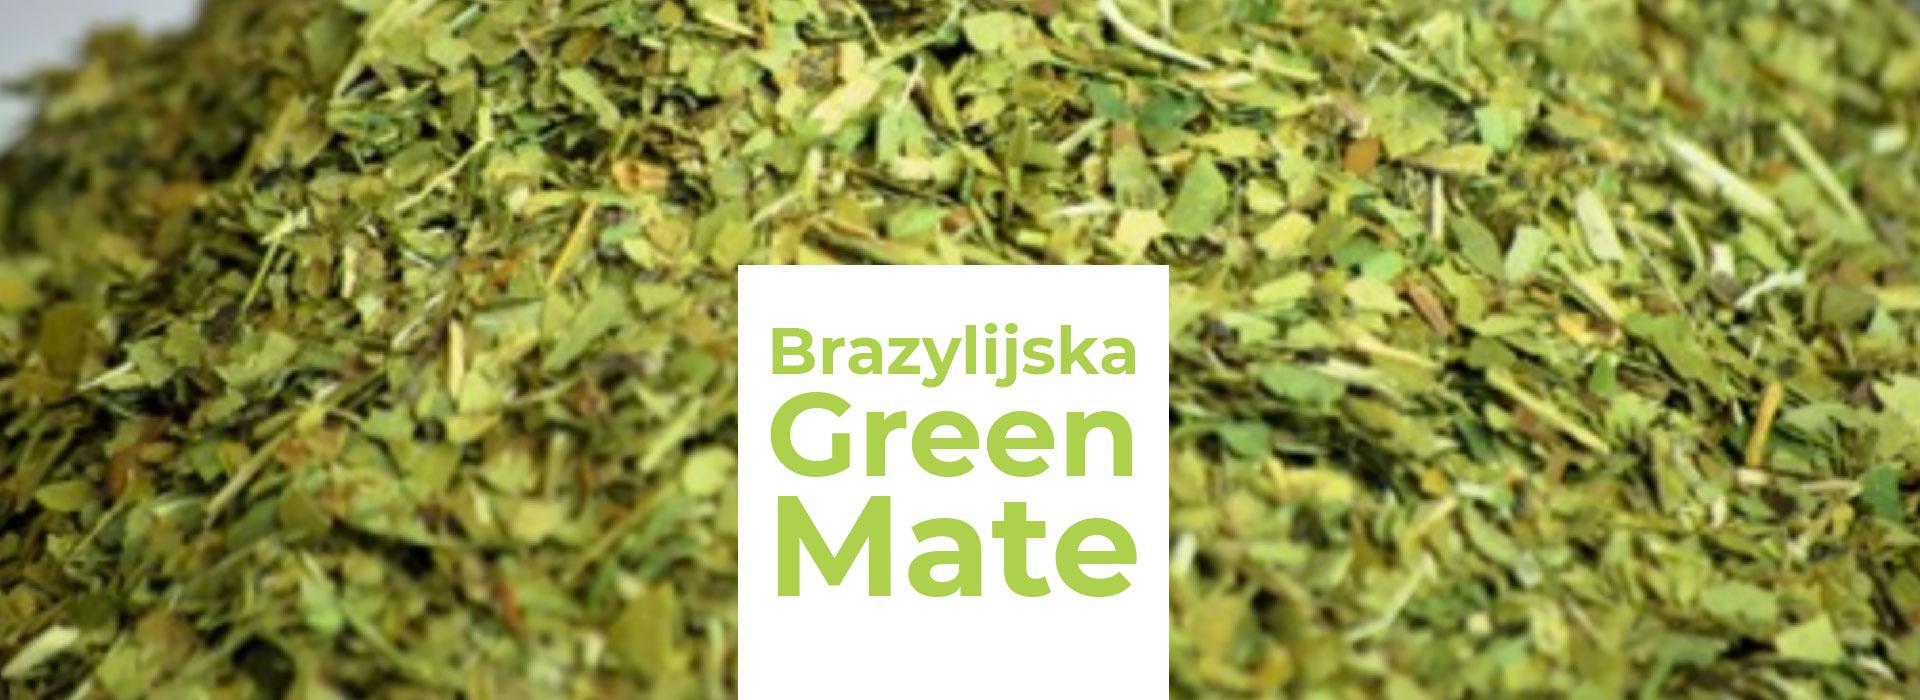 Brazylijska świeżość yerba mate green to doceniana cecha wśród mateistów. Sprawdź, dlaczego tak jest!           | ZielonyTarg.pl